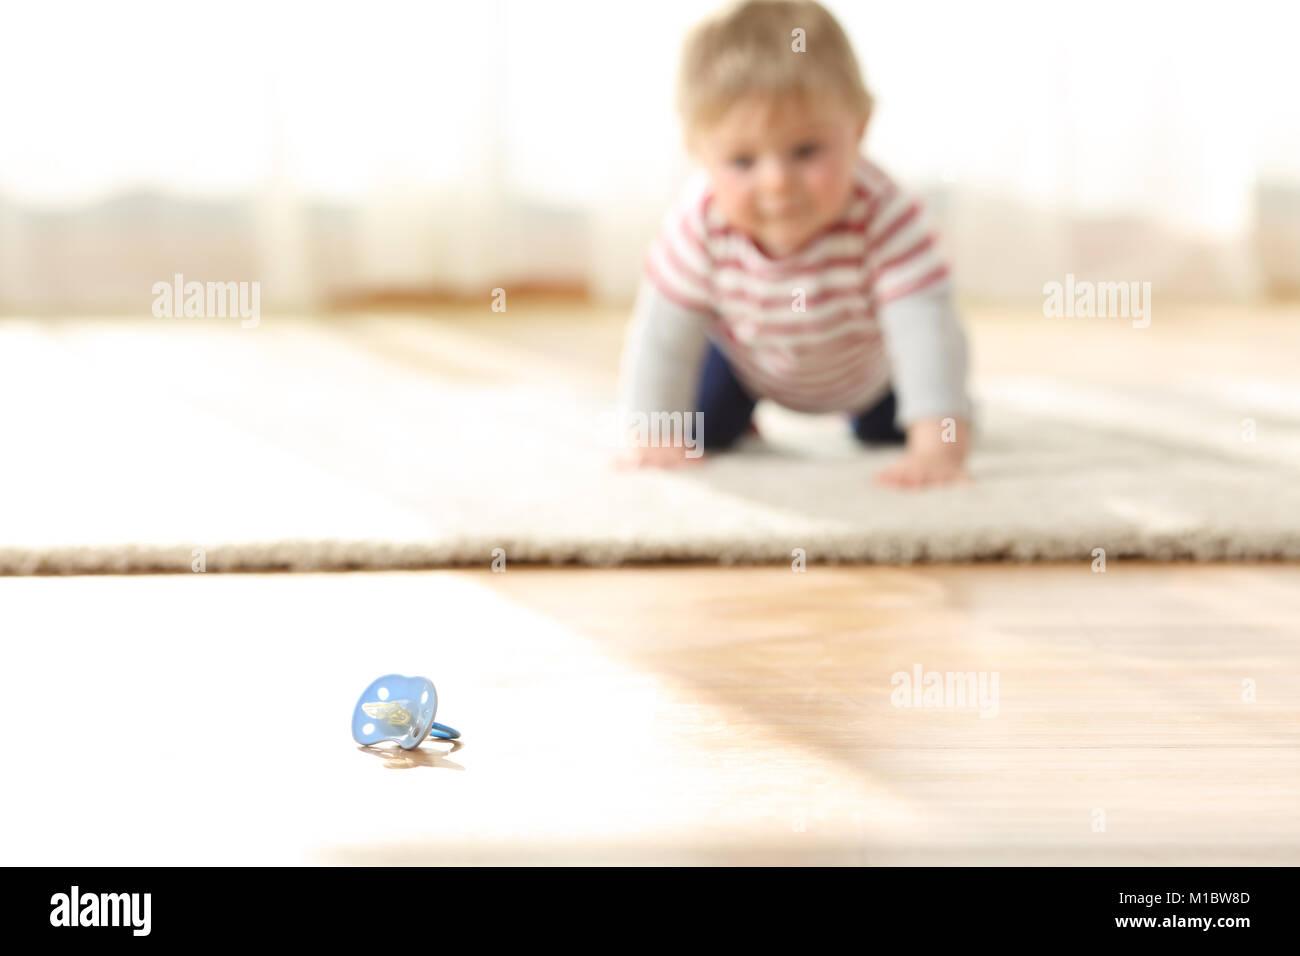 Toddler Boy Child Reaching Dangerous Stock Photos